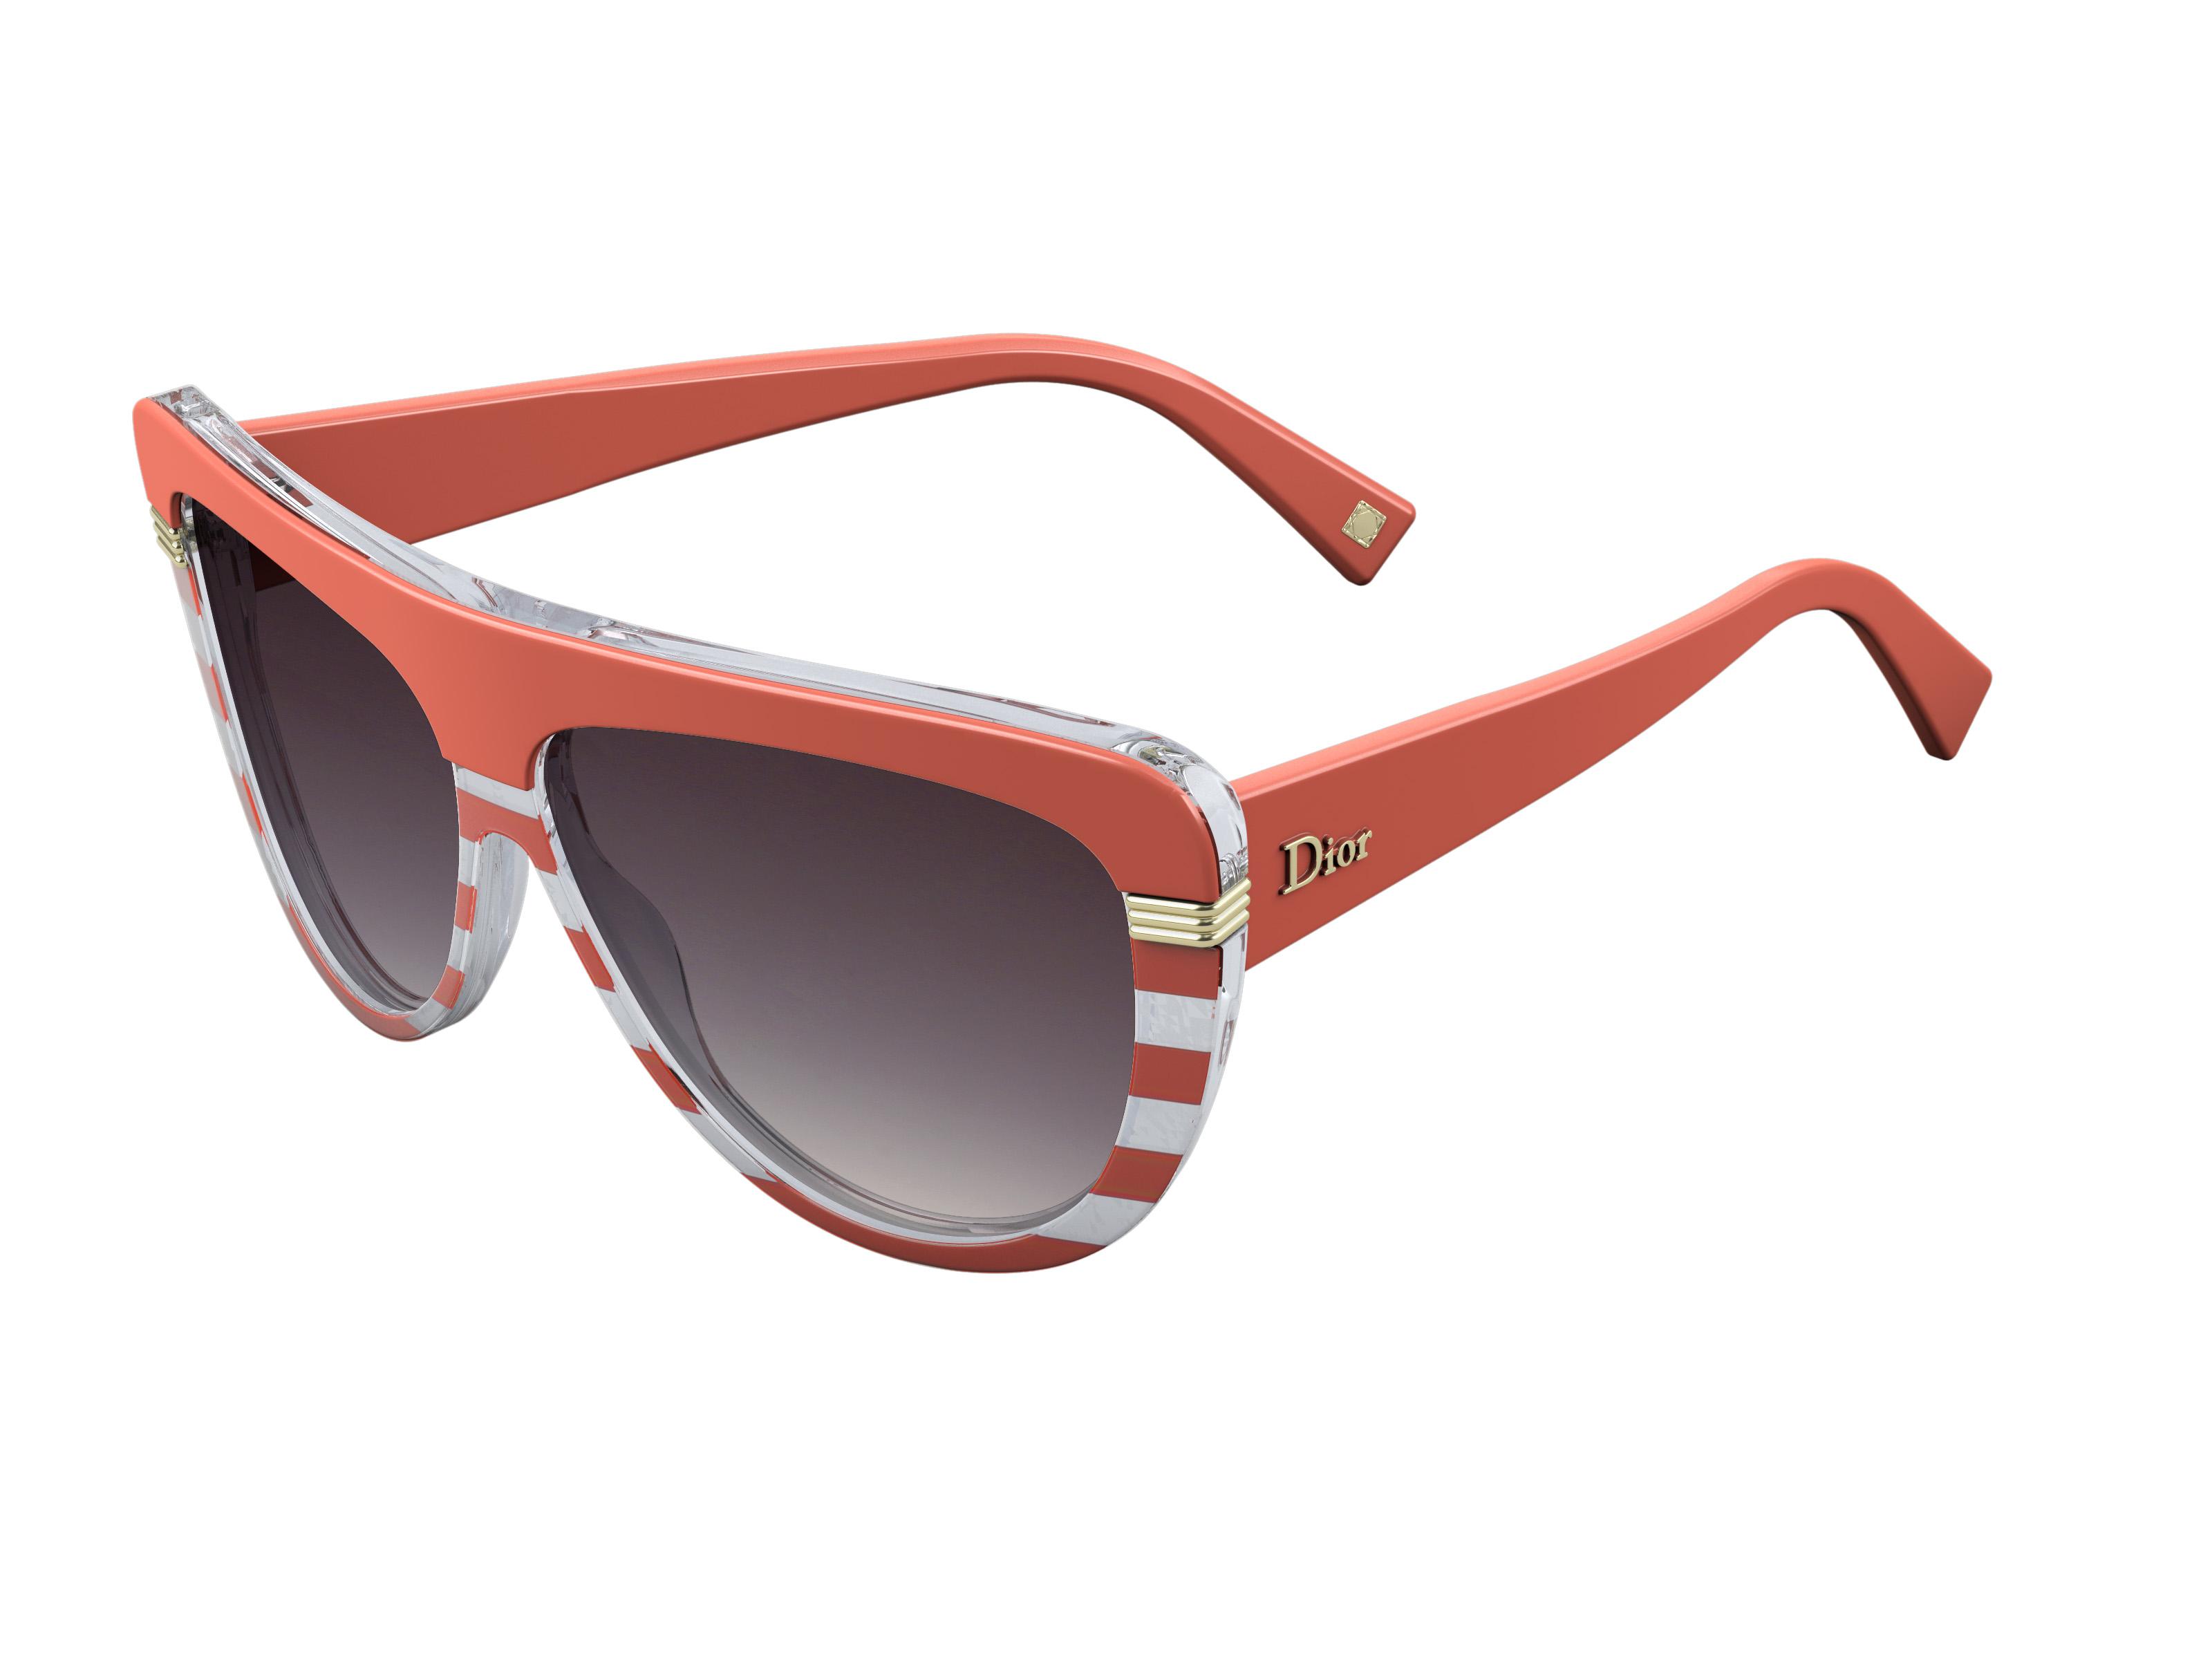 Γυαλιά ηλίου Crpoisette Dior! Δες τη νέα συλλογή.. - TLIFE a76c40c5546